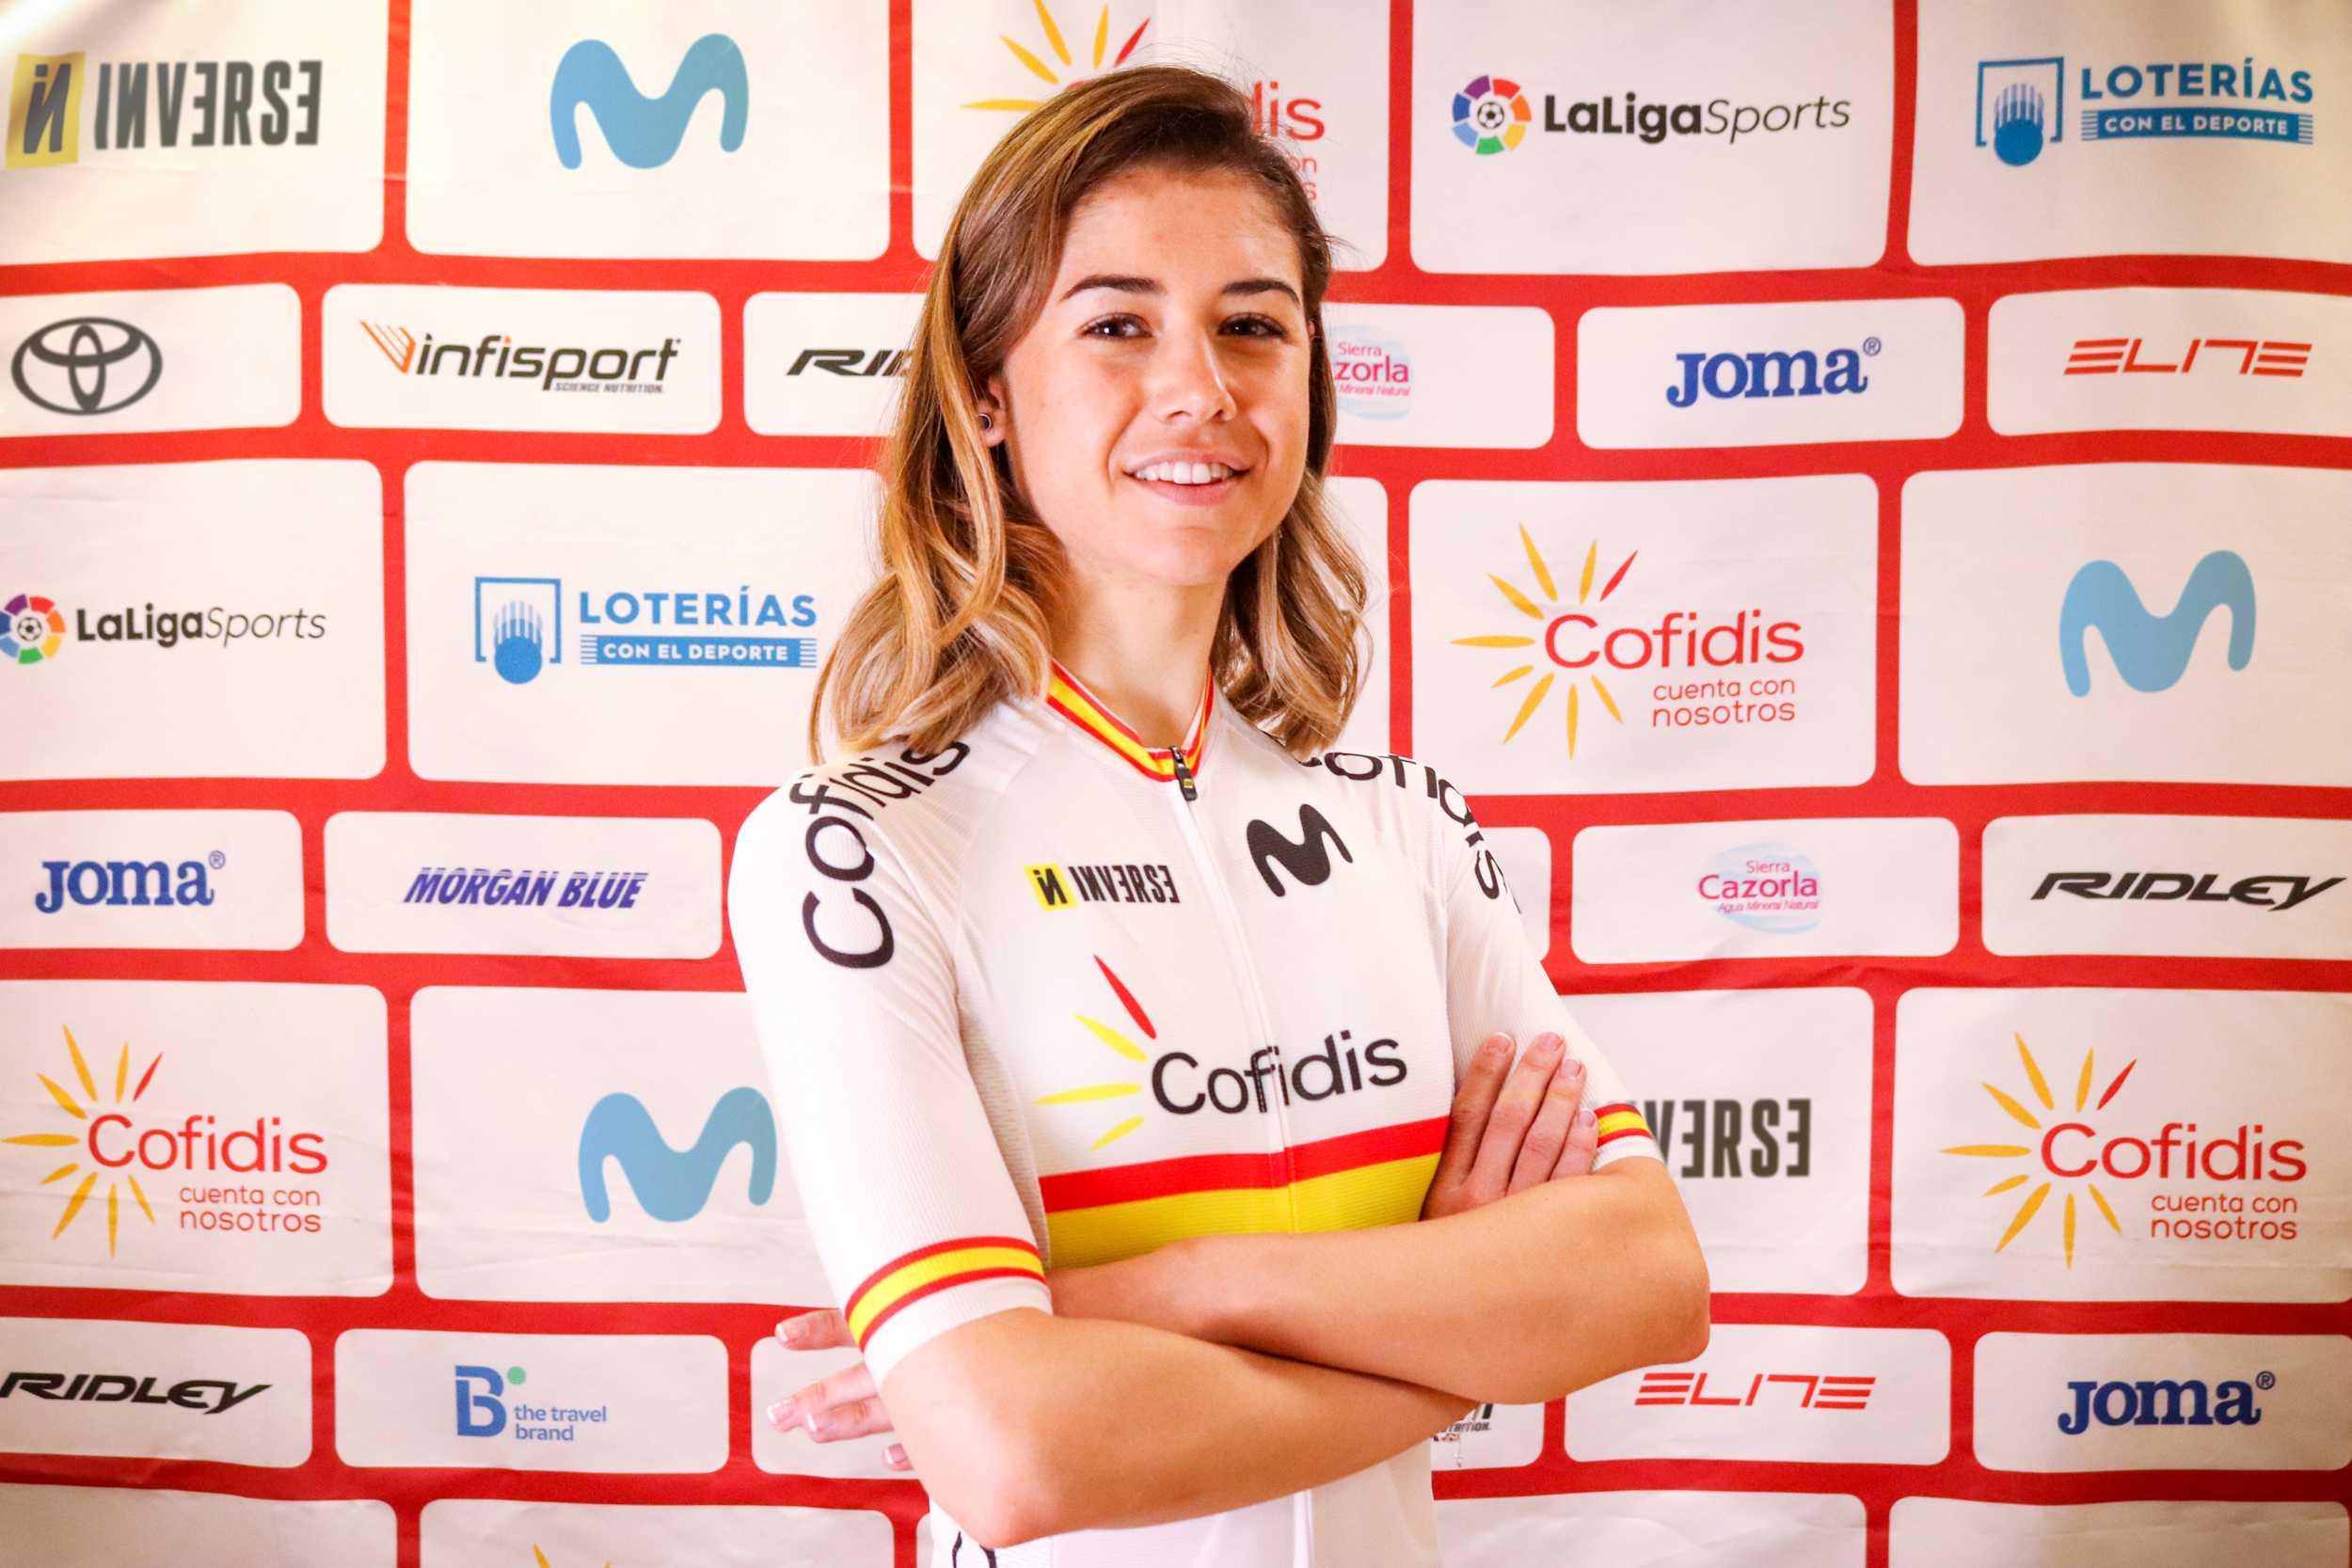 Presentación de la nueva equipación de la Selección Española de Ciclismo - Fotos de estudio